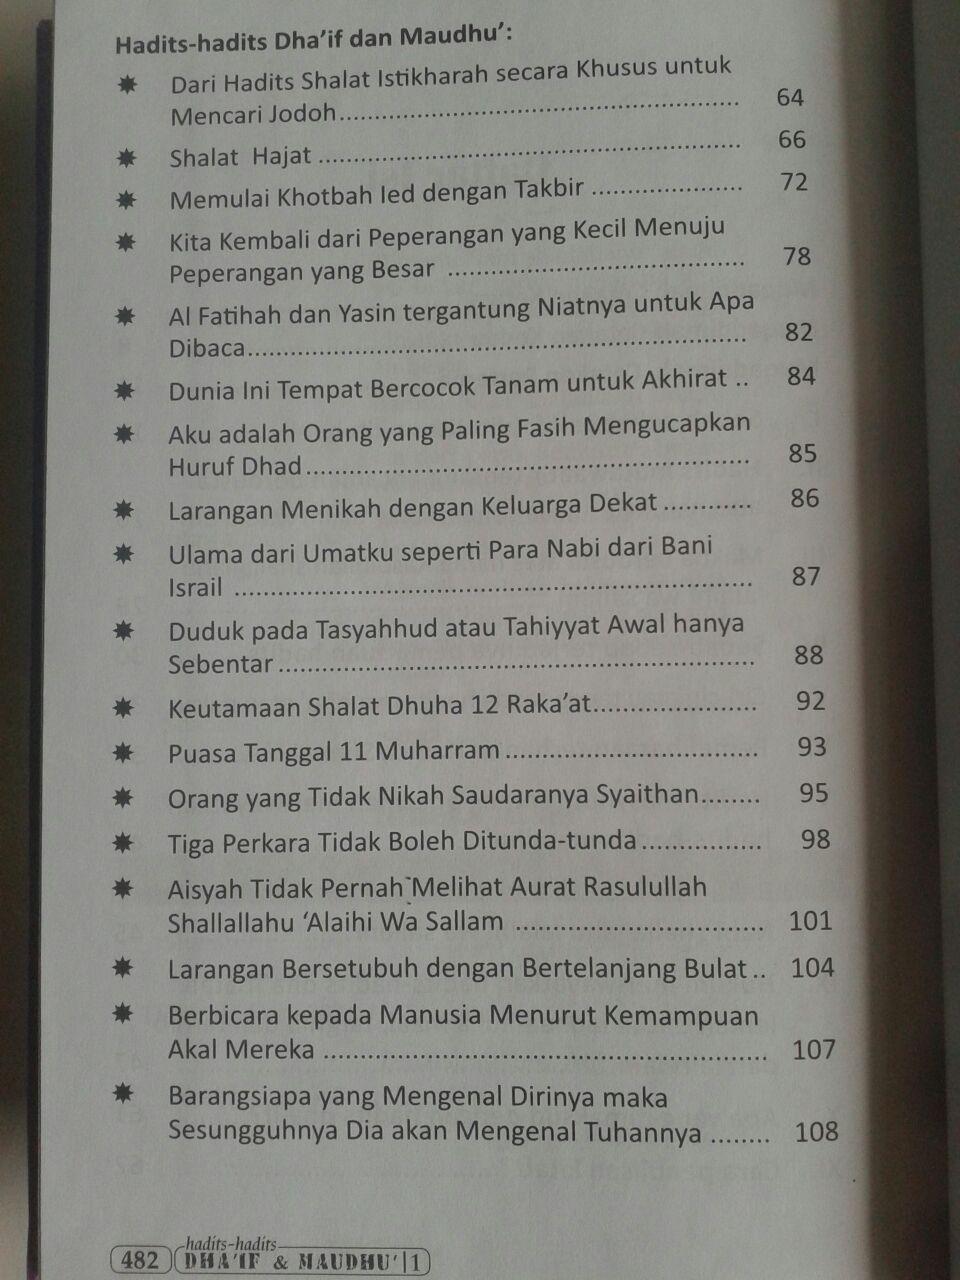 Buku Hadits-Hadits Dhaif dan Maudhu (2 Jilid) isi 6